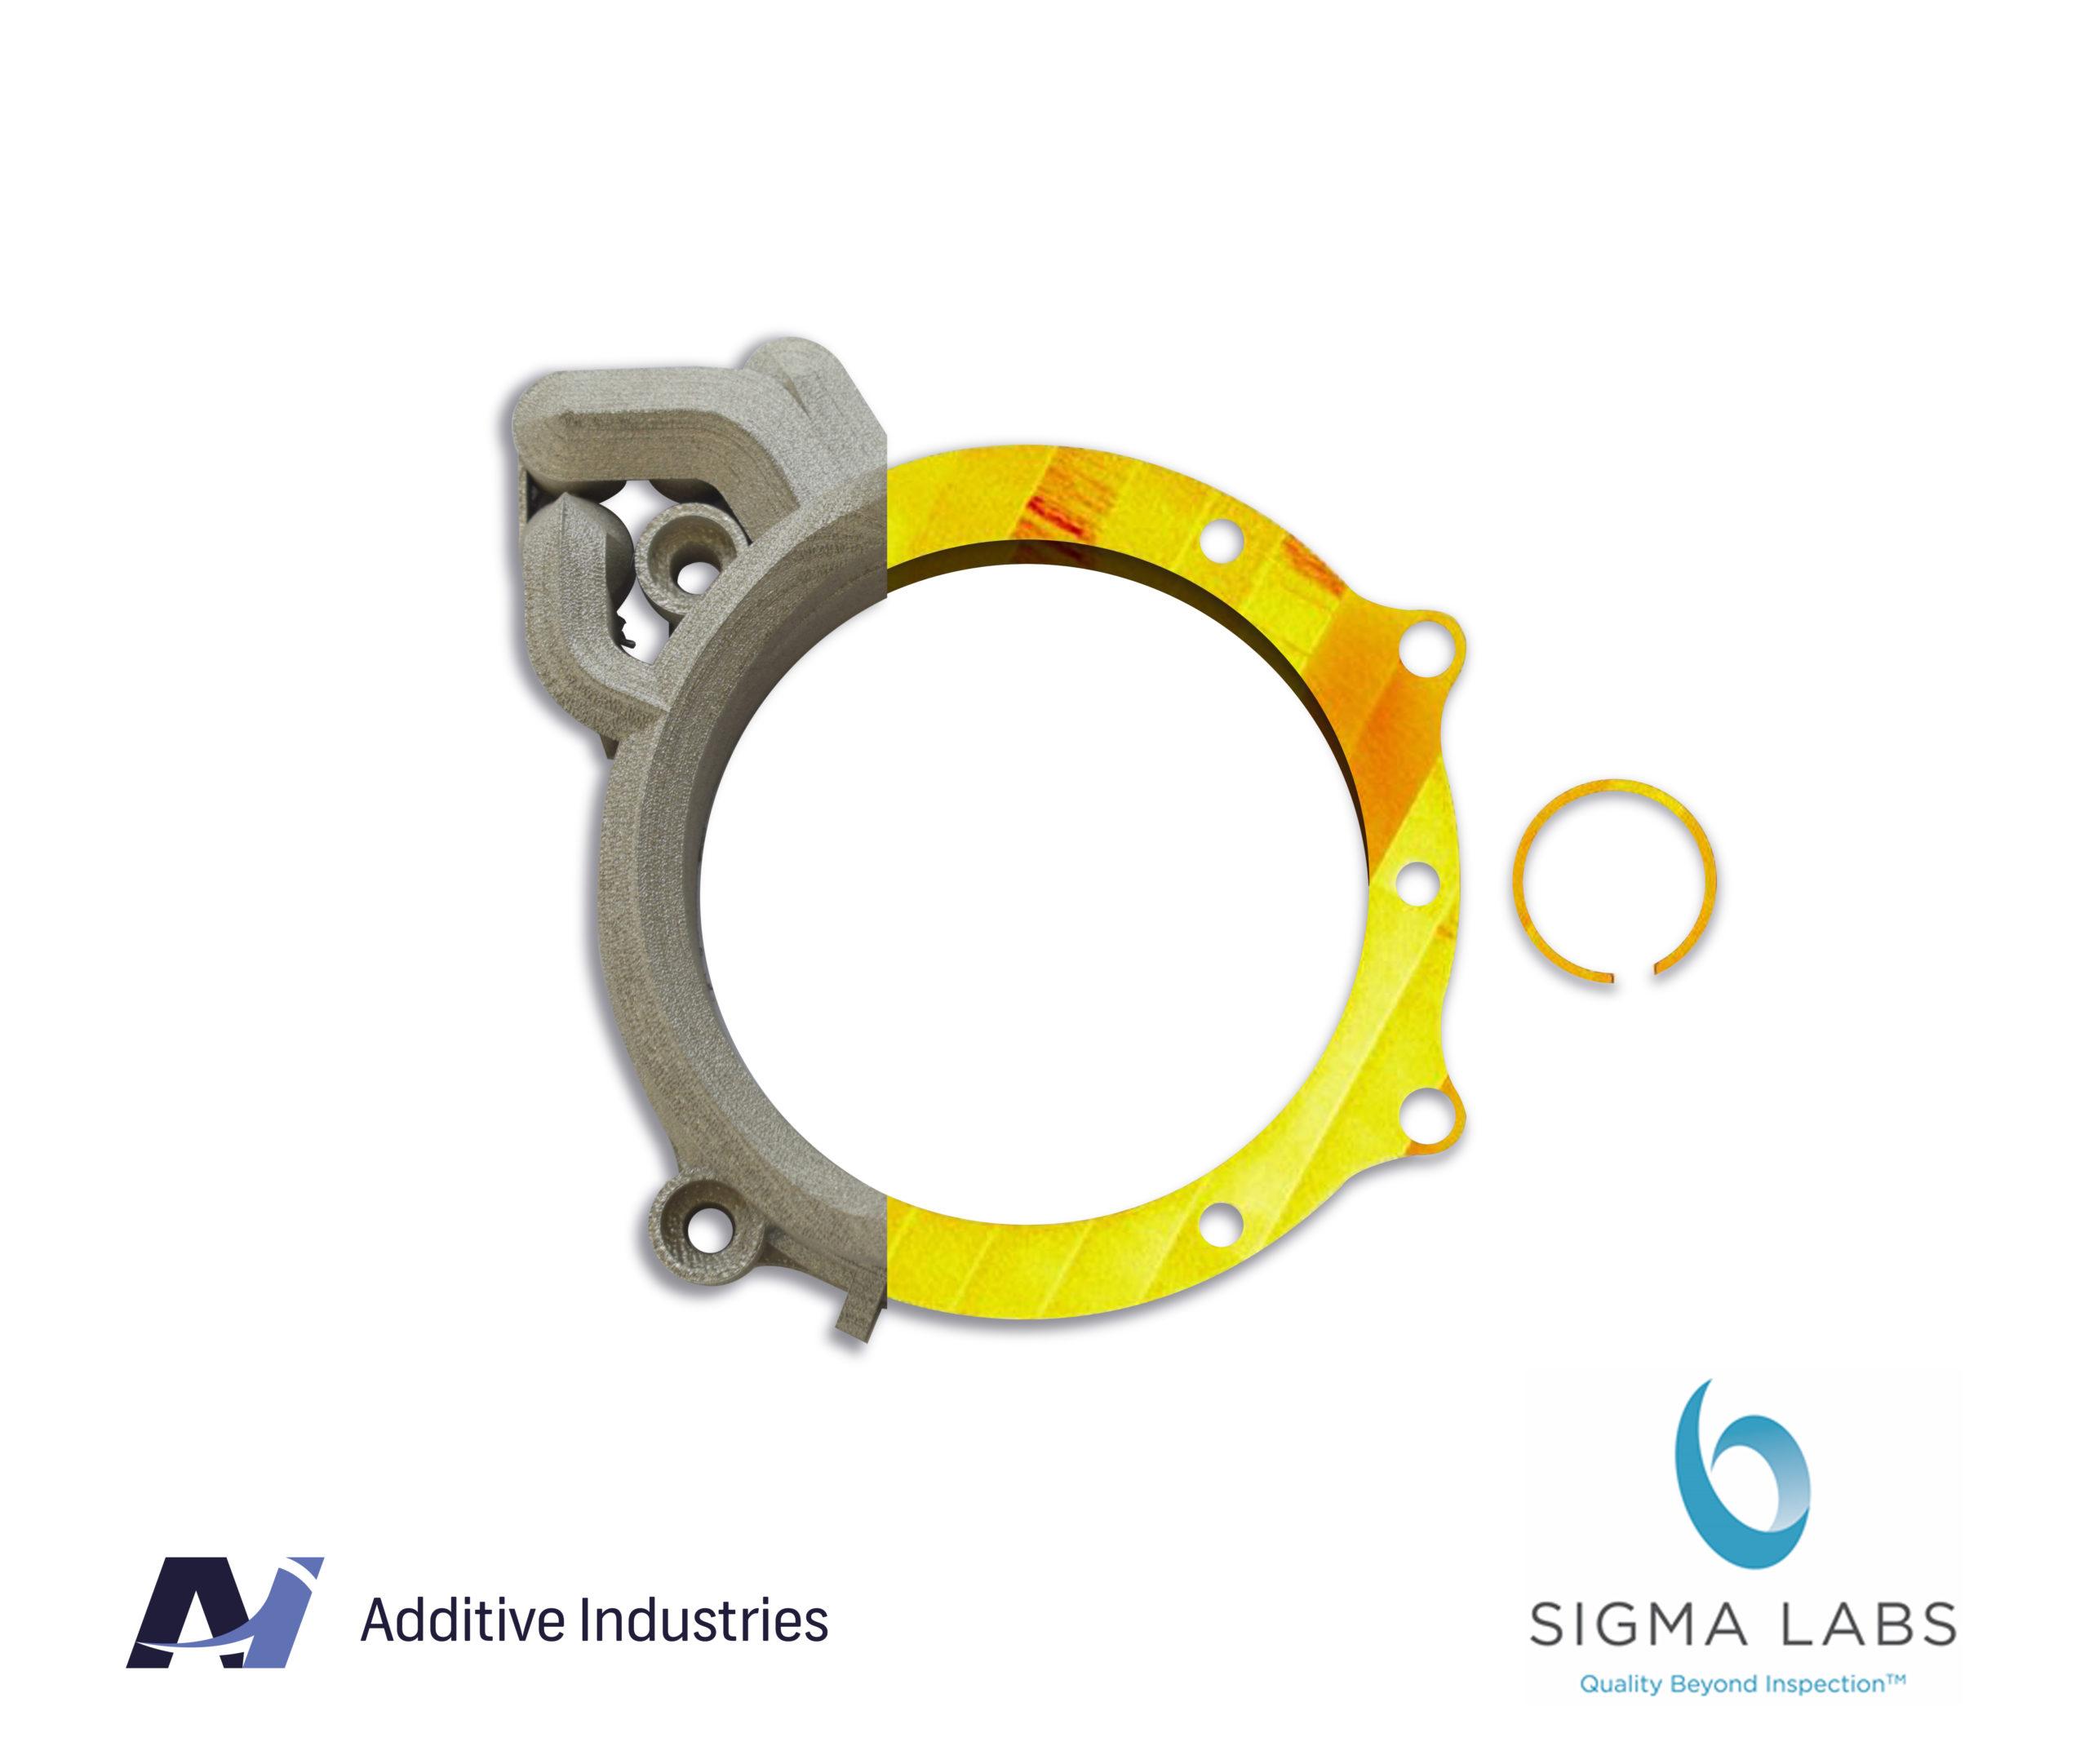 Les imprimantes MetalFAB1 disposent officiellement de la surveillance des processus Sigma Labs pour l'impression 3D en métal